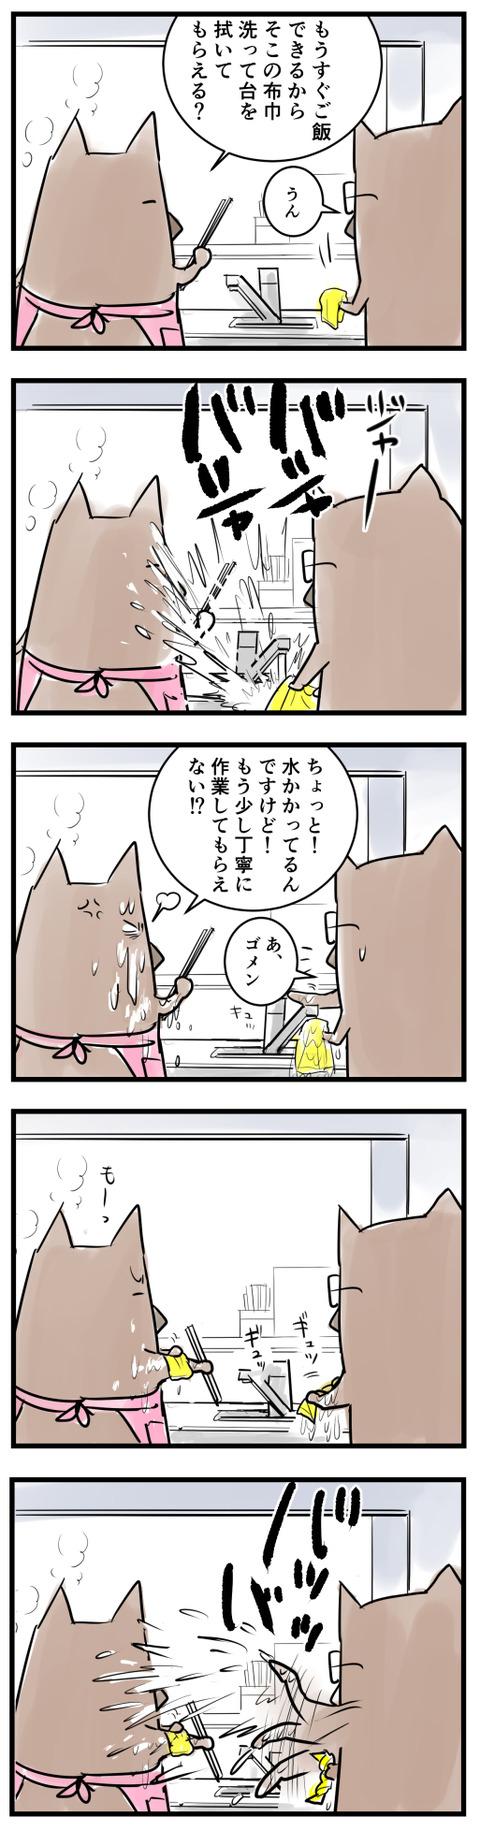 shibukis